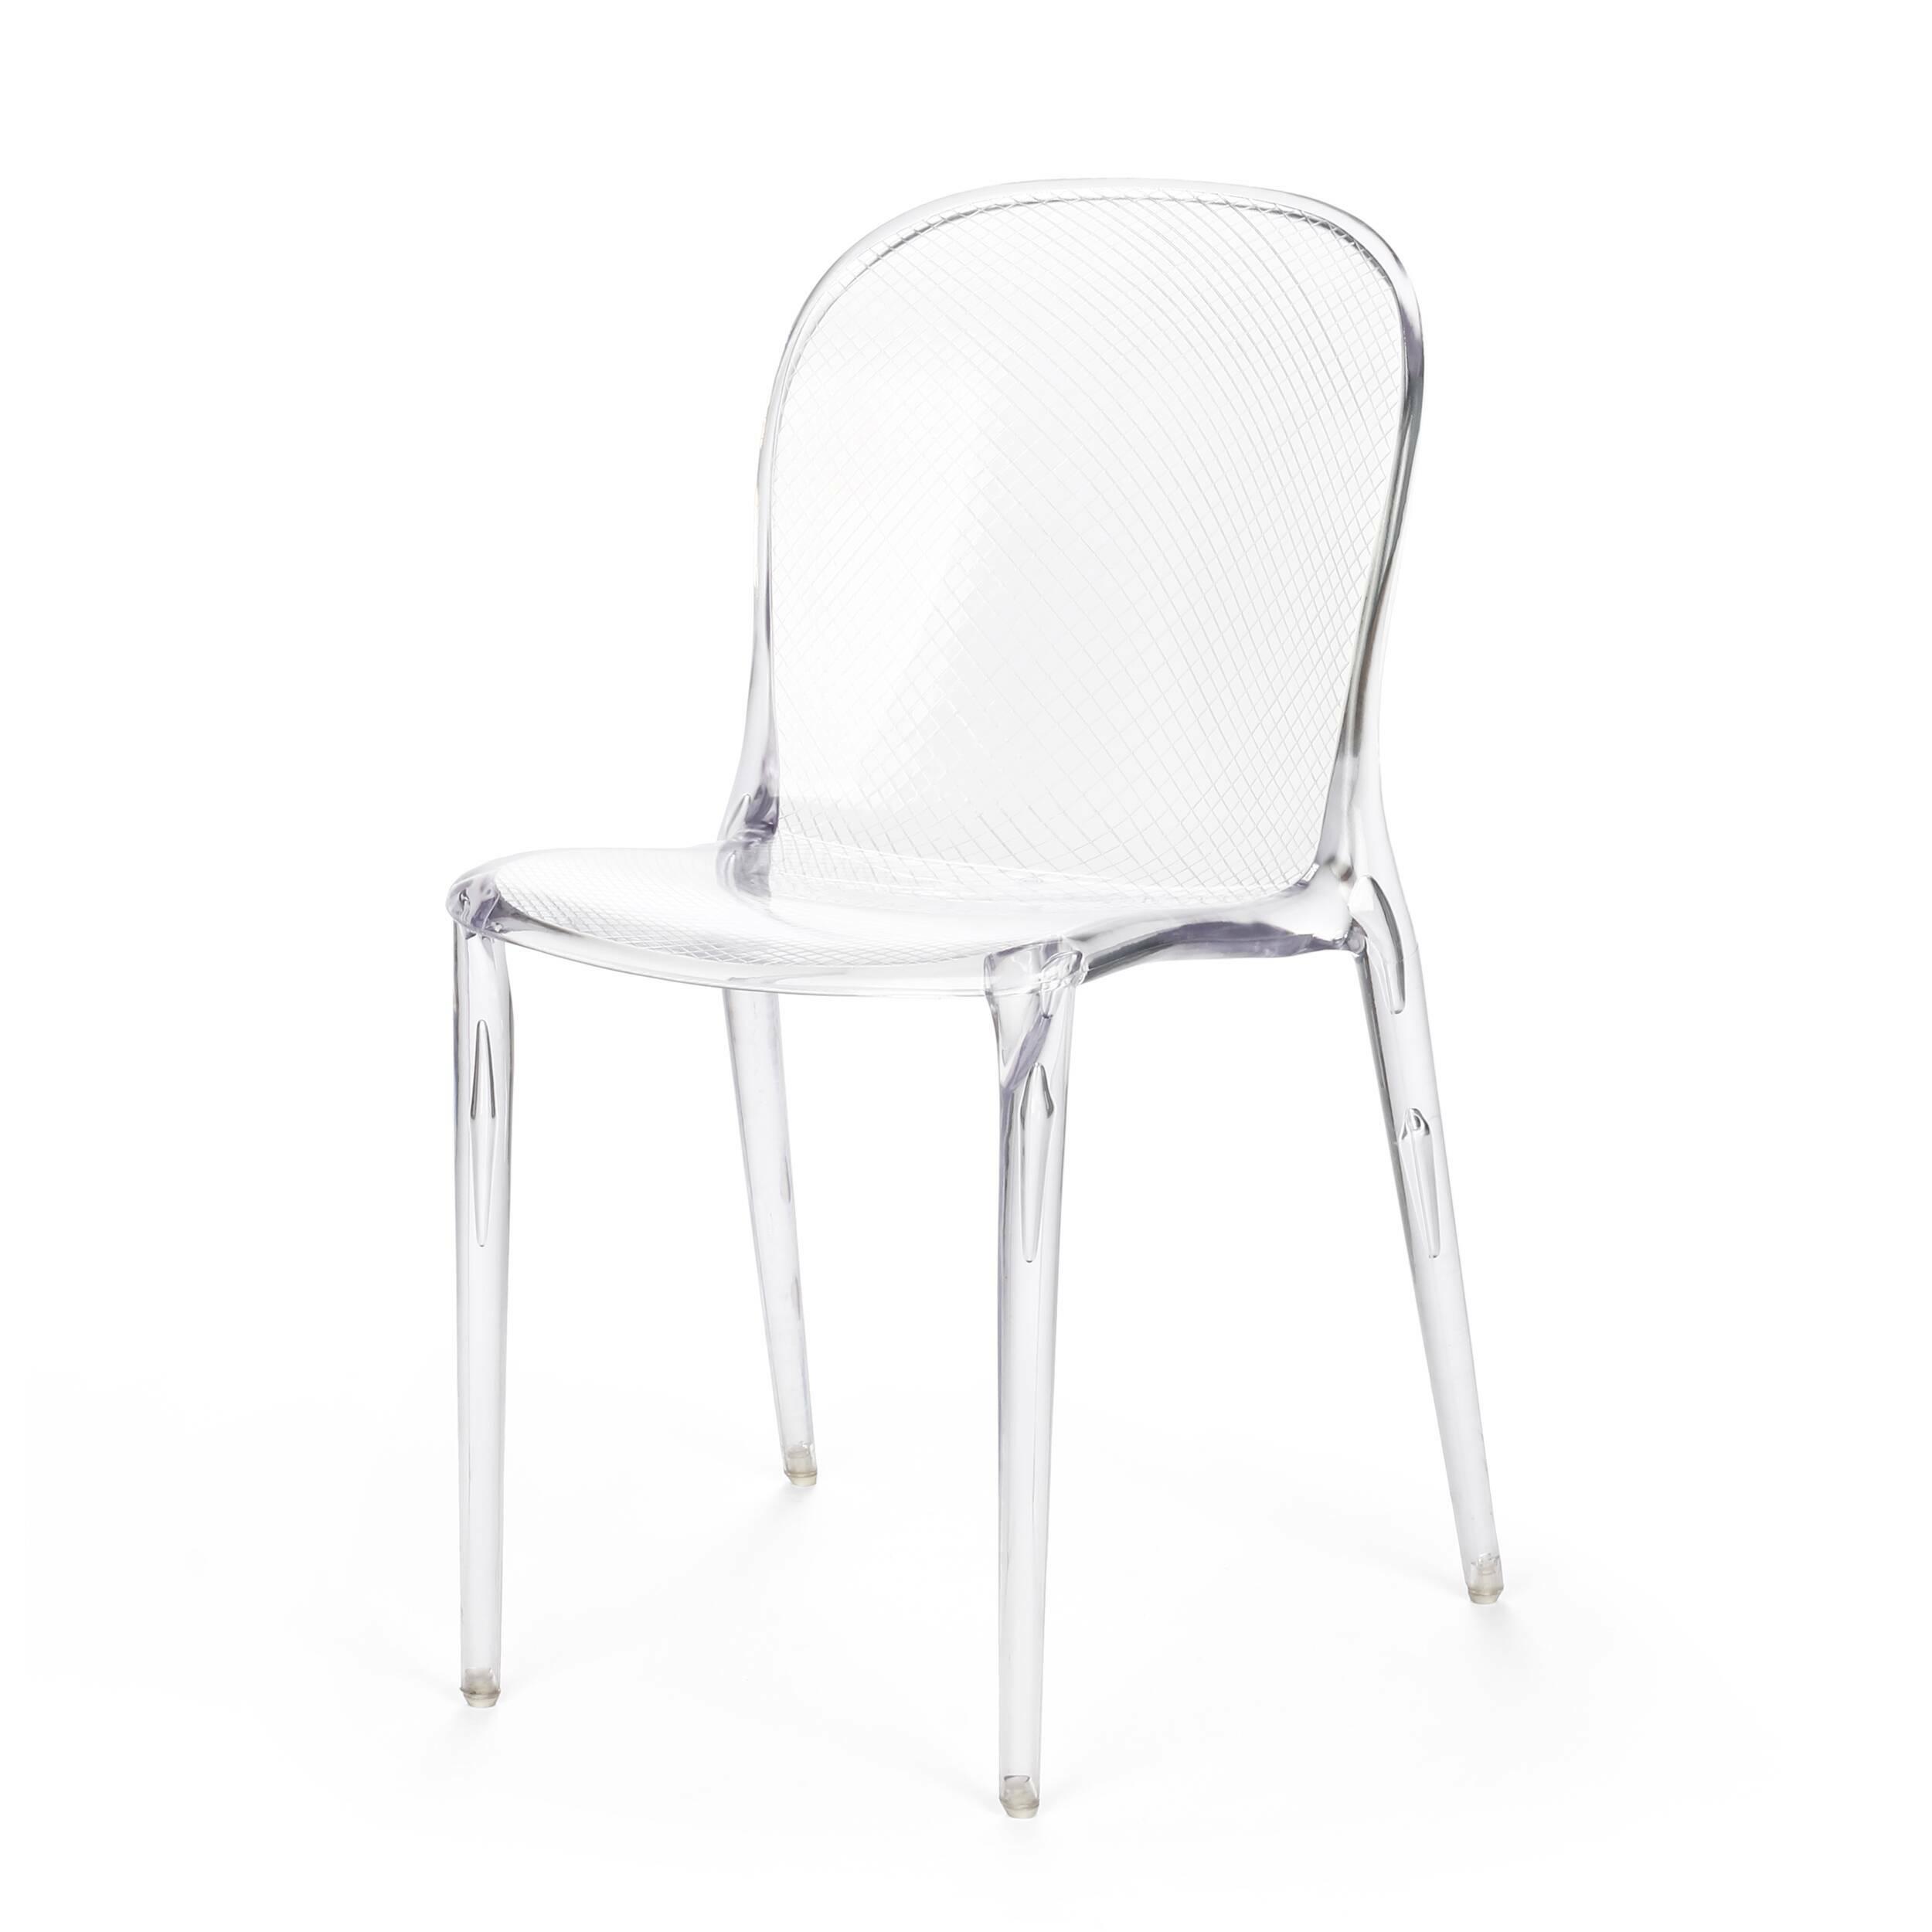 Стул VioletИнтерьерные<br>Дизайнерский стул Violet подогревает интерес к любому интерьеру, в котором он находится. Неважно, хай-тек это или же ар-деко, модерн или даже современный восточный интерьер, если в вашем интерьере присутствует данный предмет мебели с необычным фиолетовым оттенком, значит, похвалы вам обеспечены, как и внимание со стороны ваших гостей и друзей.<br><br><br> Купить стул Violet — это очень серьезное и оригинальное решение, ведь не каждый сумеет совладать с необычным, ярким и бросающимся в глаза ди...<br><br>stock: 0<br>Высота: 83<br>Высота сиденья: 45<br>Ширина: 50<br>Глубина: 53,5<br>Материал каркаса: Поликарбонат<br>Тип материала каркаса: Пластик<br>Цвет каркаса: Прозрачный